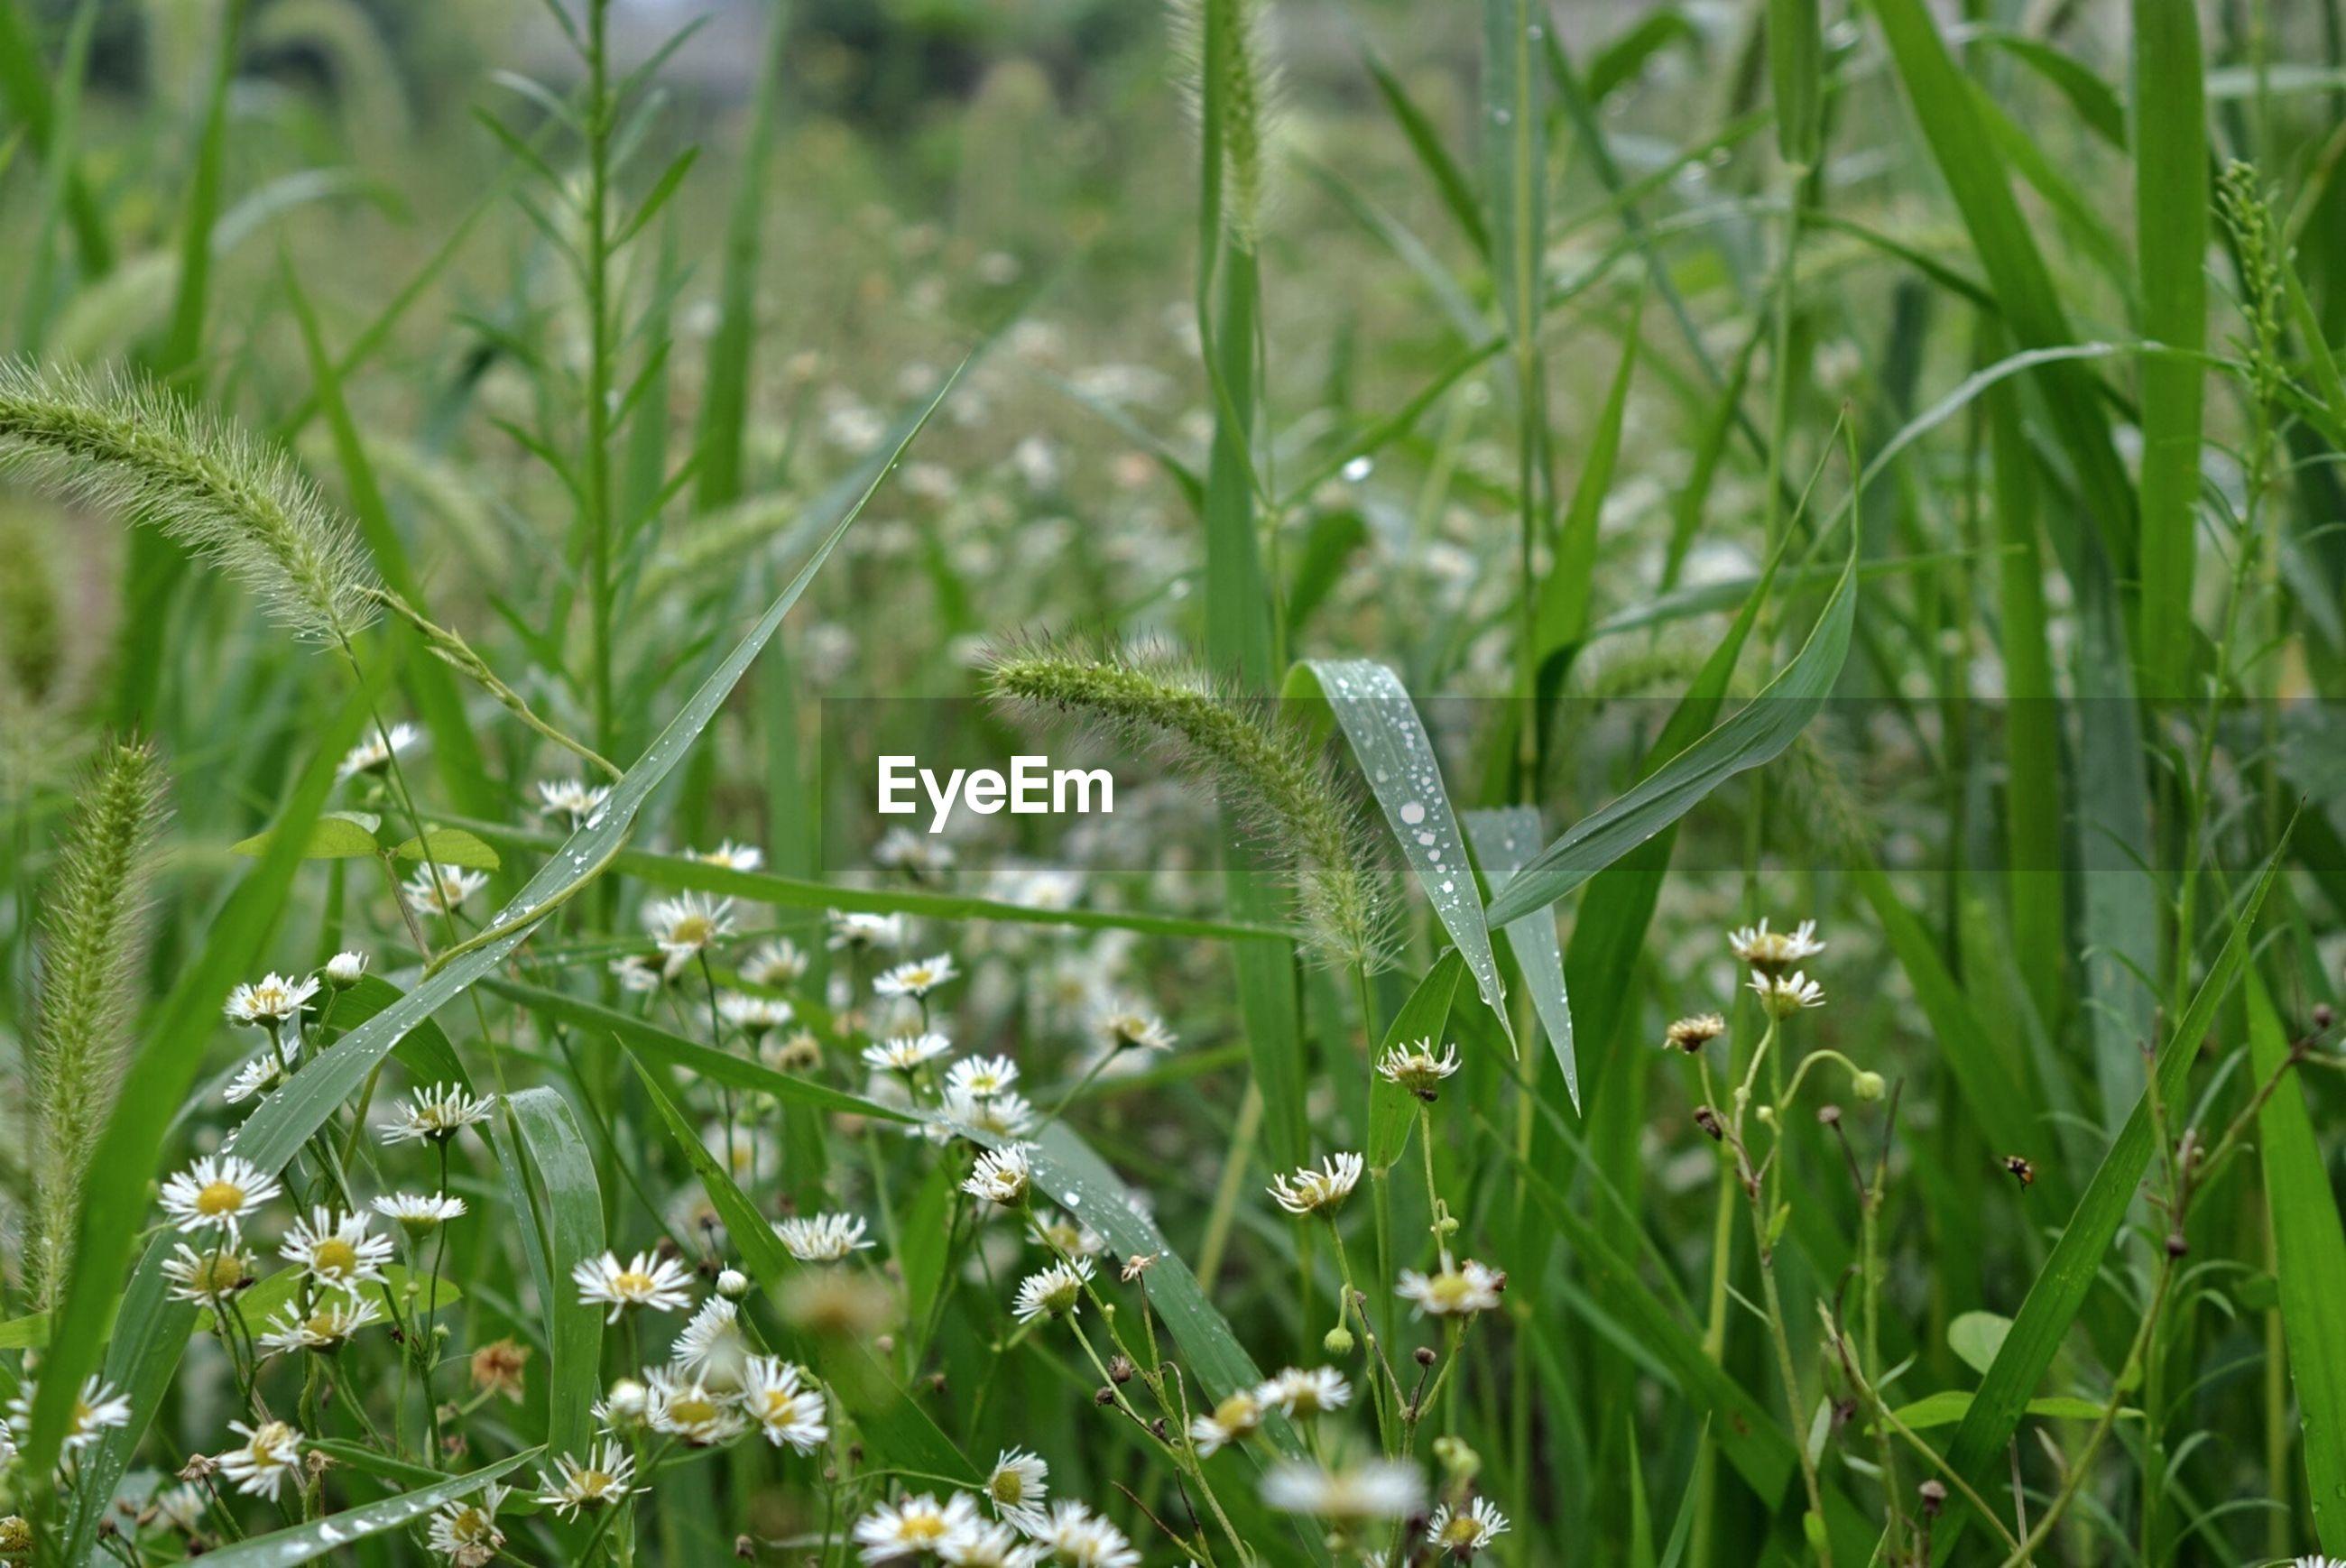 Plants in meadow